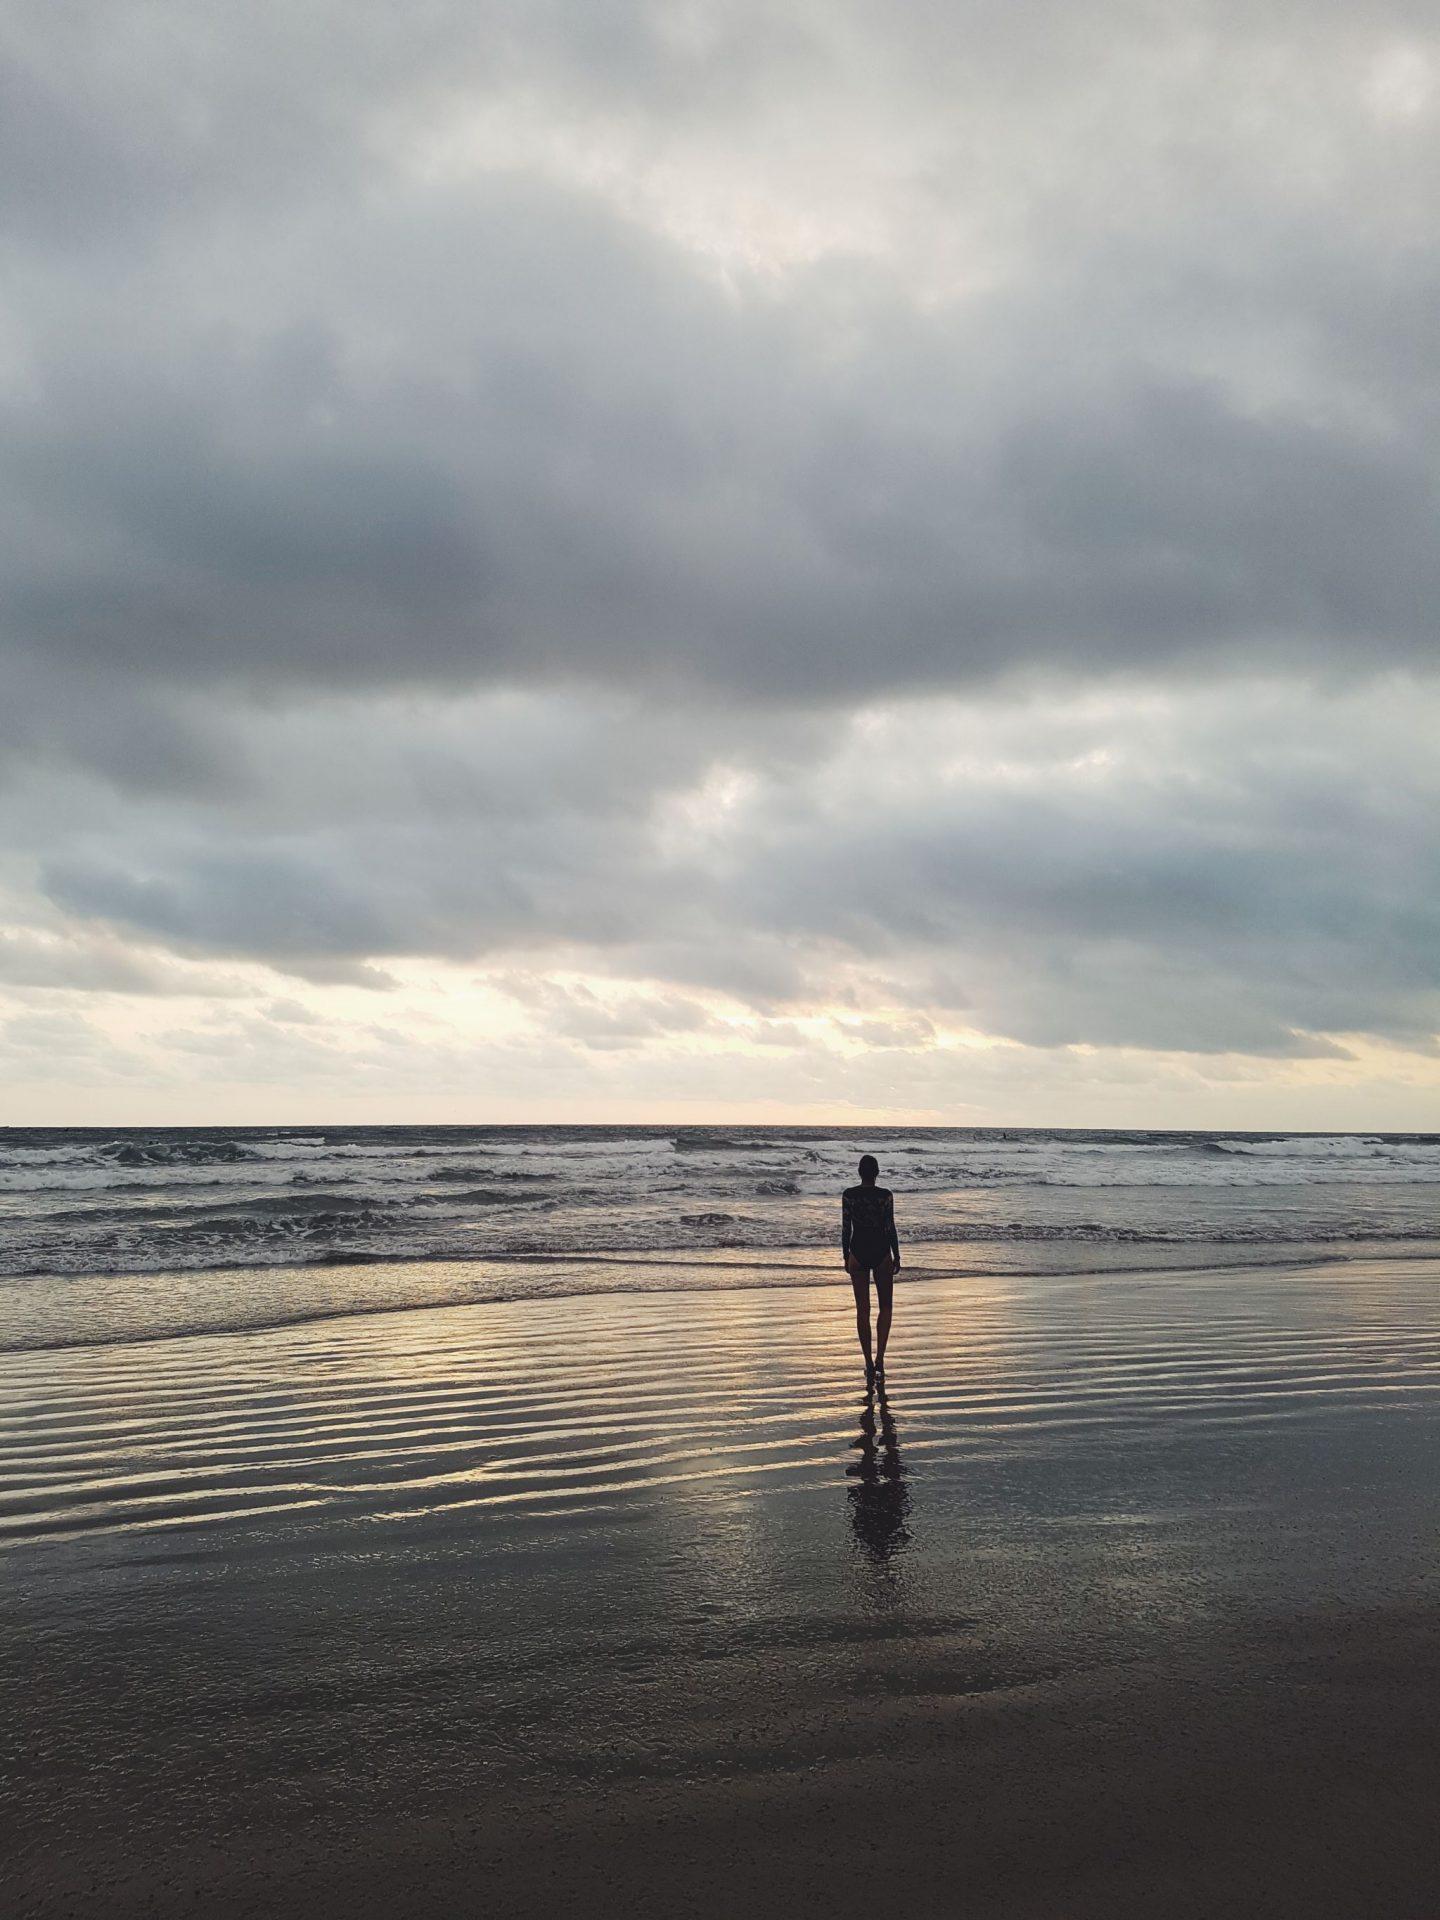 Solo Travel - So bringst du Urlaub in deinen Alltag - willascherrybomb - yvonne karnath